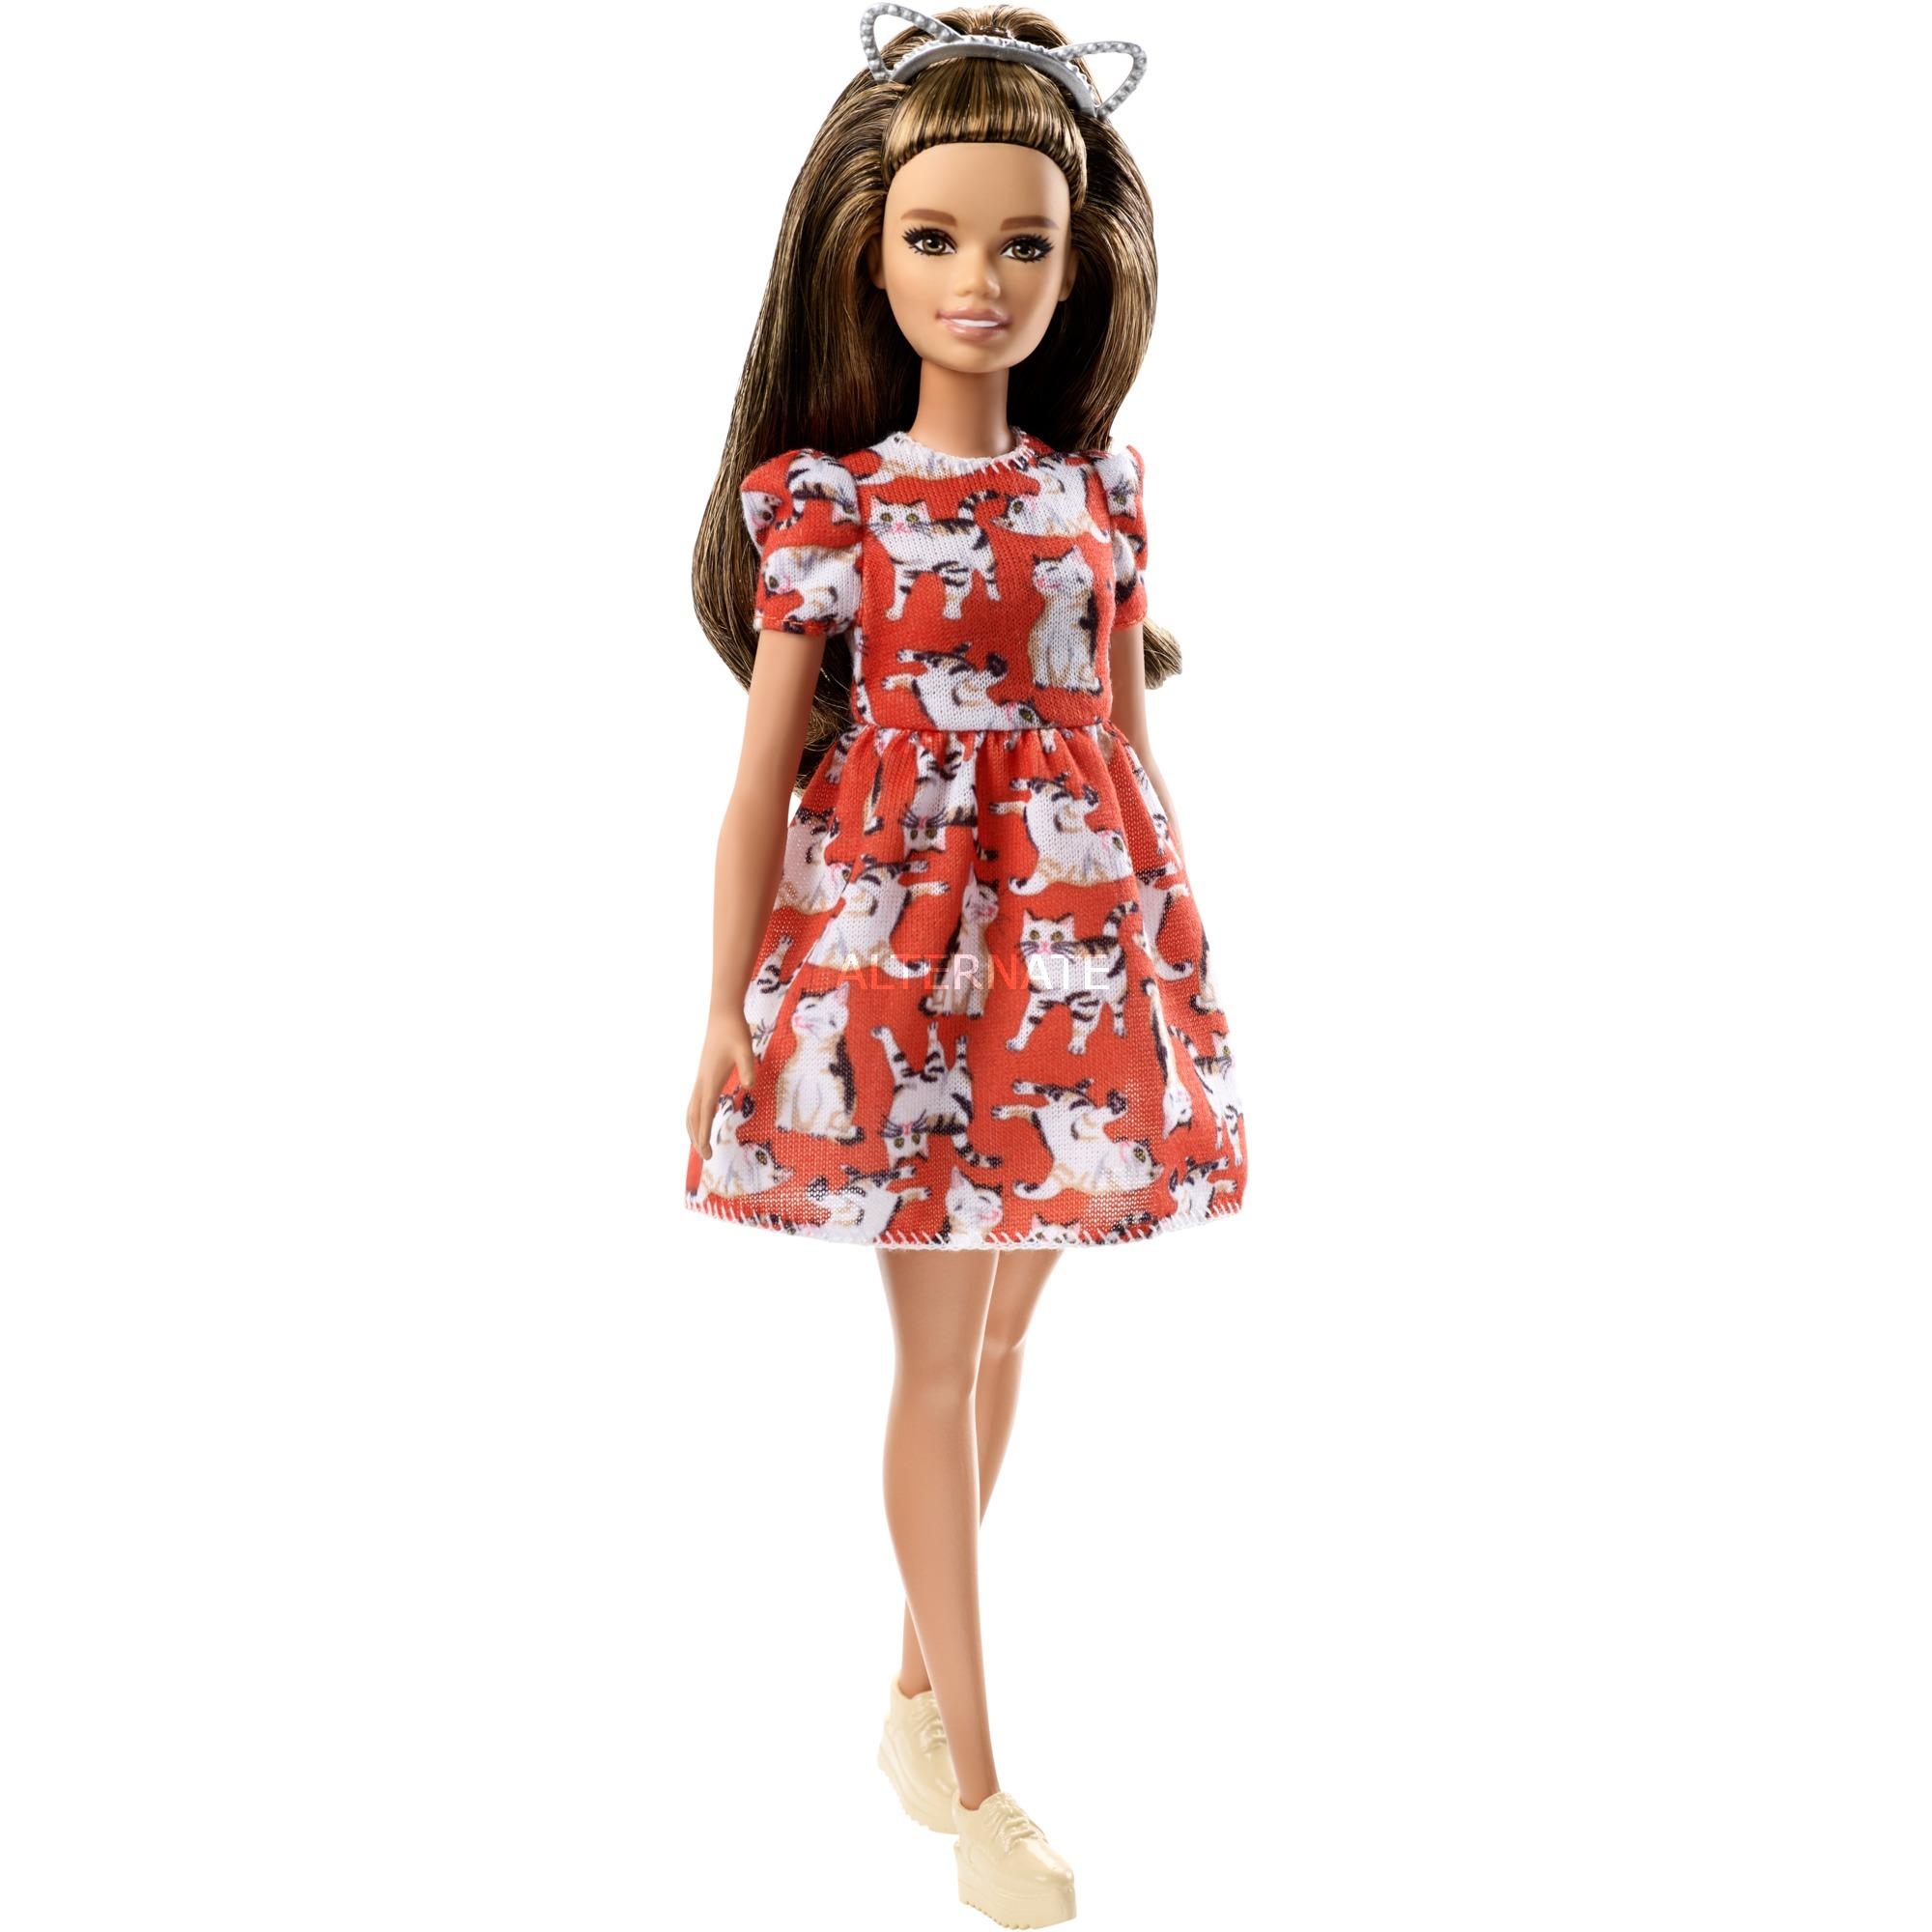 Mattel Fjf57 Dress Barbie Fashionista Kitty Dukke Petite SwSrgfq